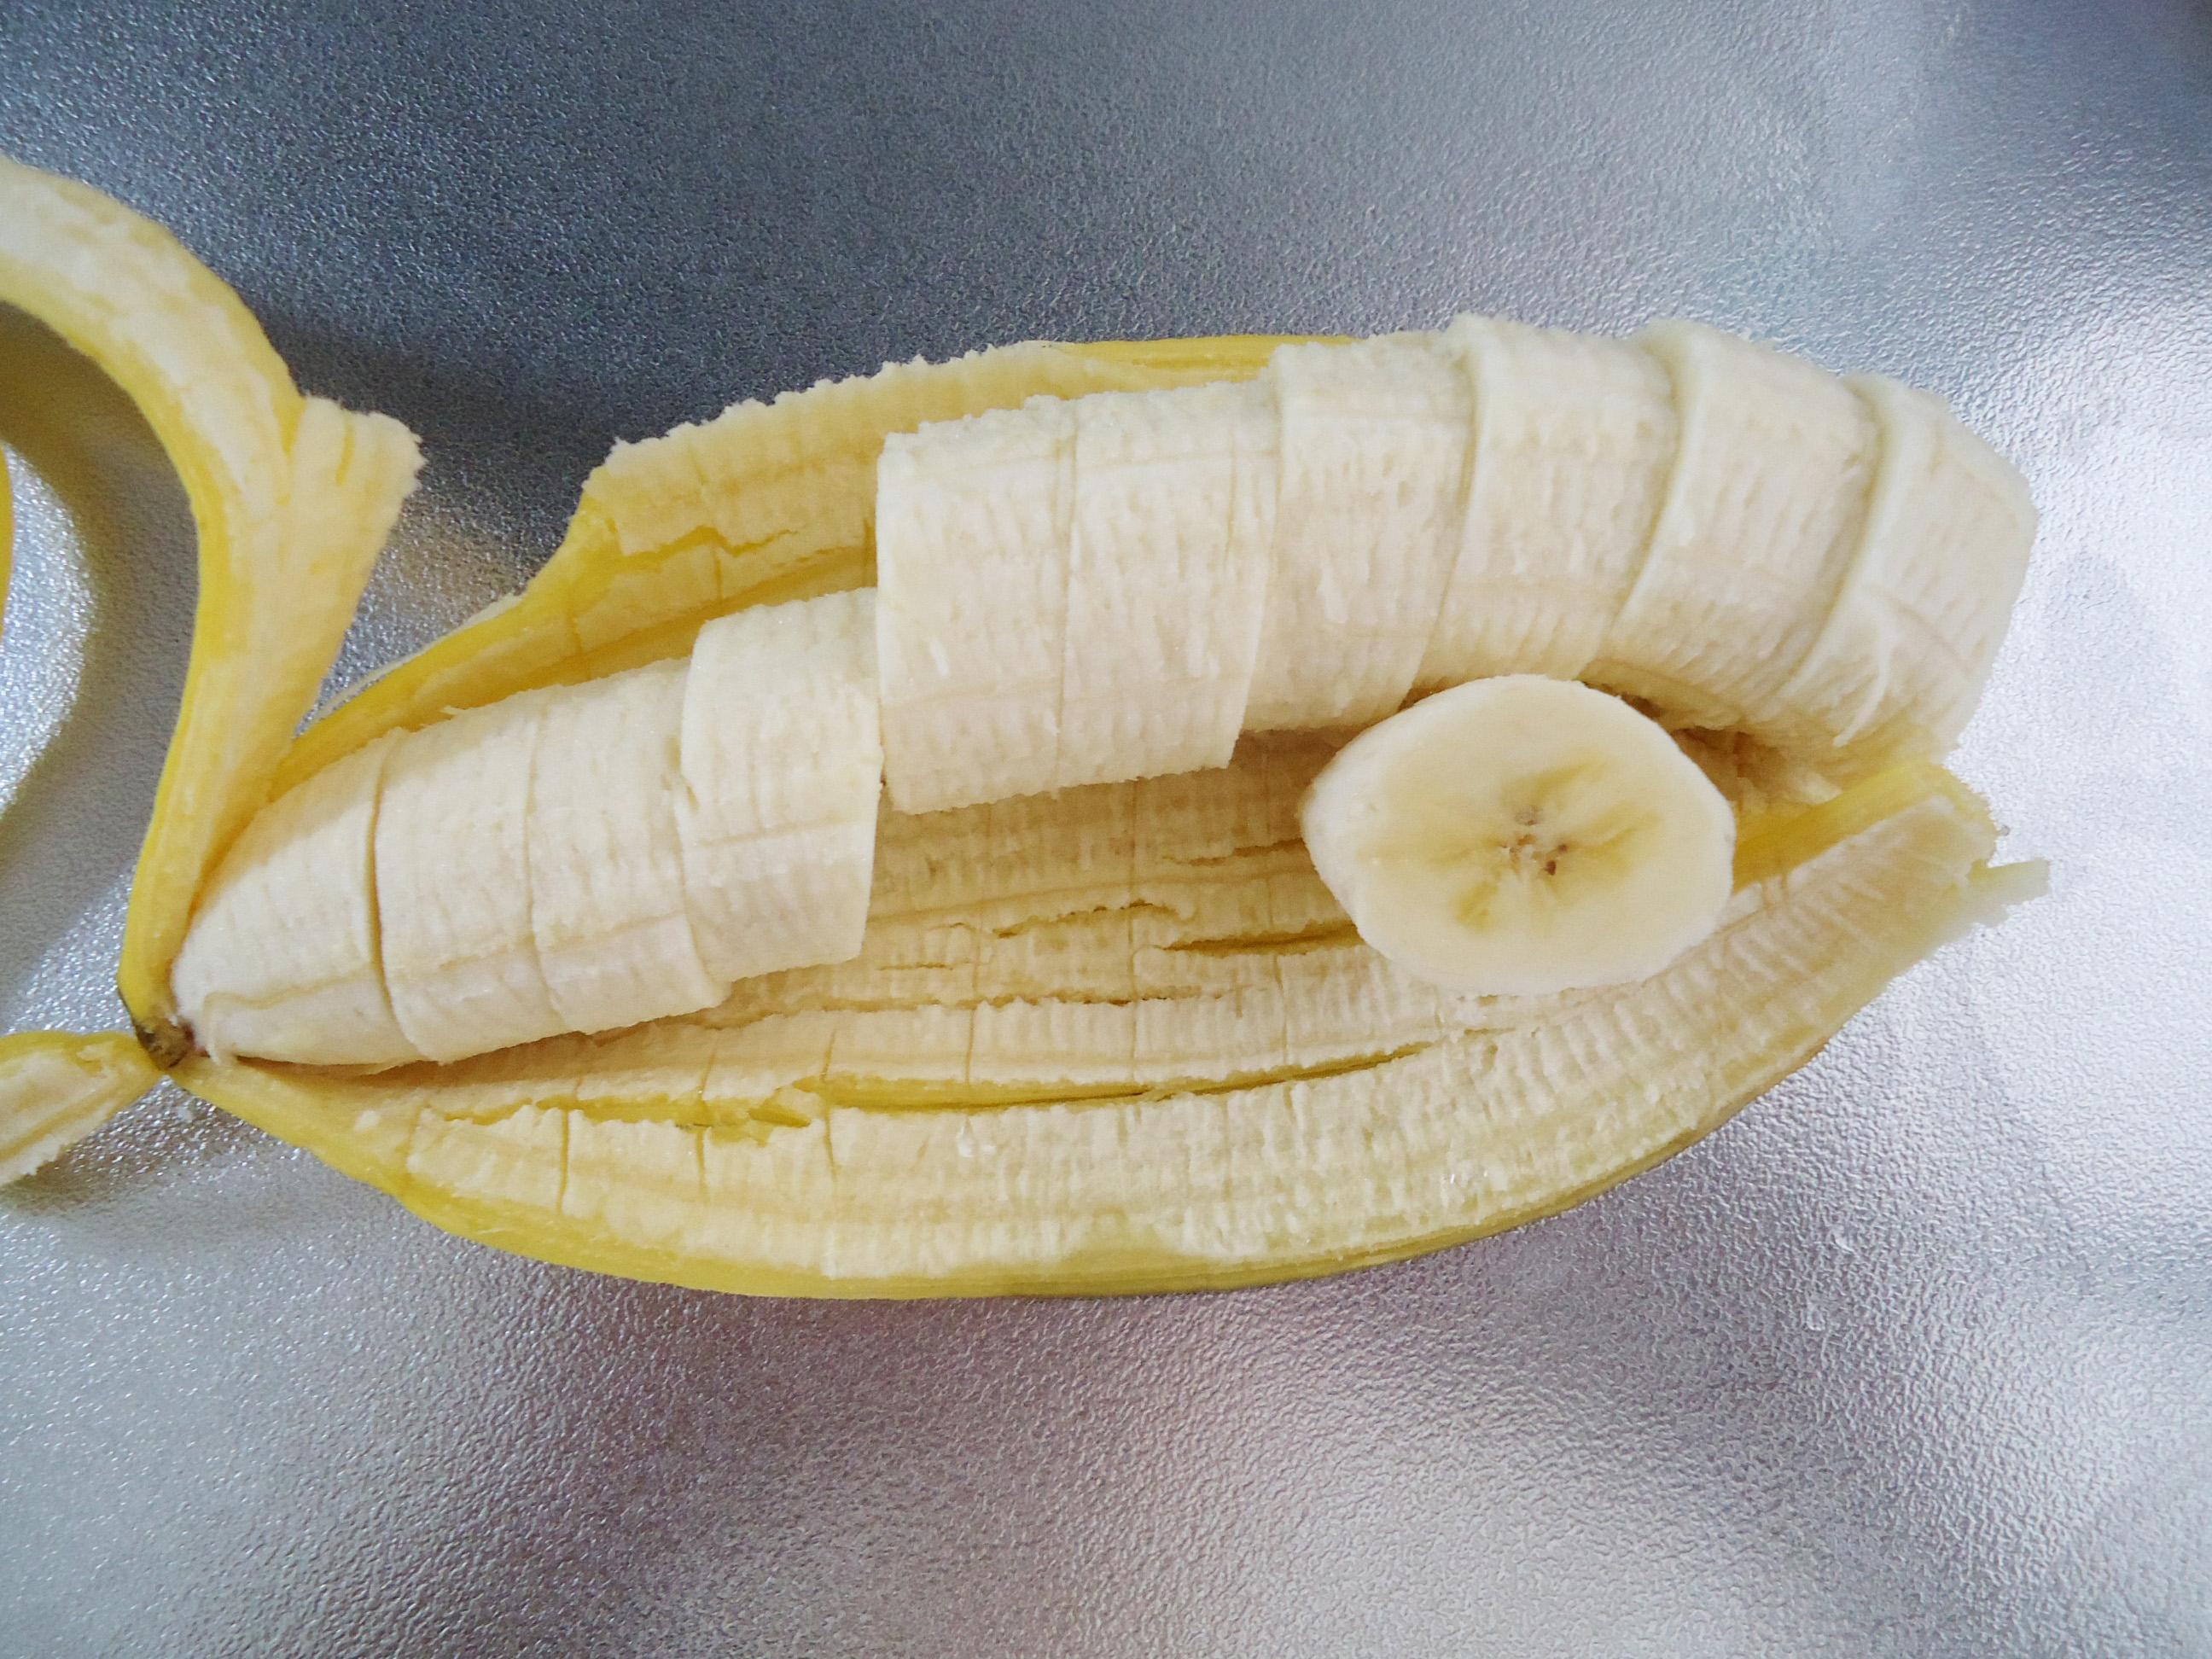 [おうちで簡単おやつ]切って凍らせるだけ!!「ひとくち冷凍バナナ」